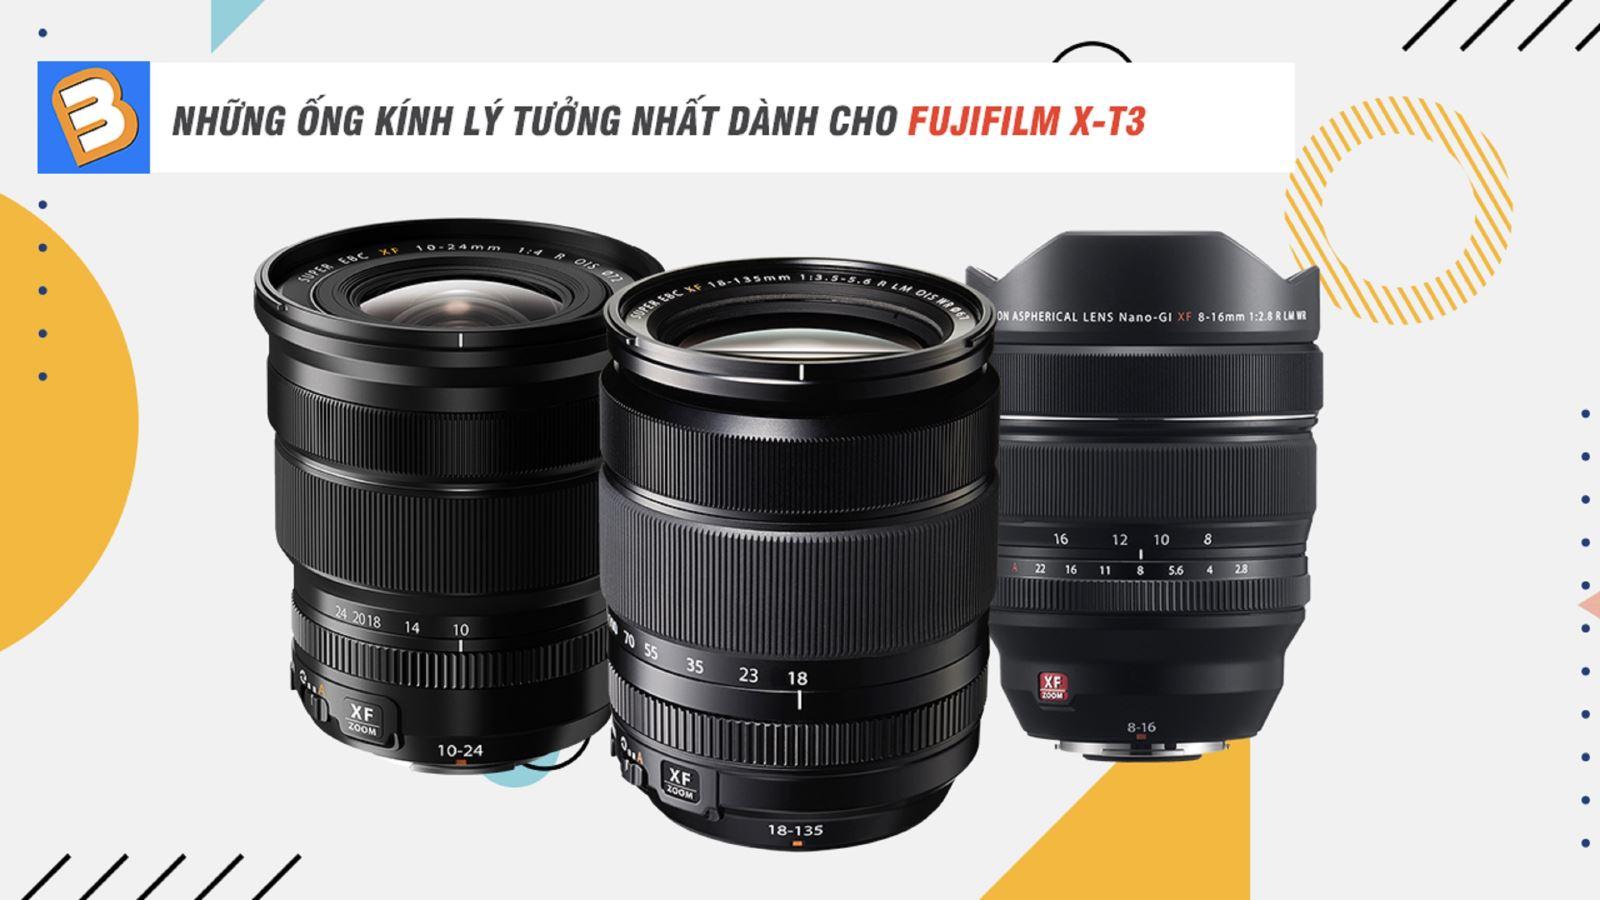 Những ống kính lý tưởng nhất dành cho Fujifilm X-T3